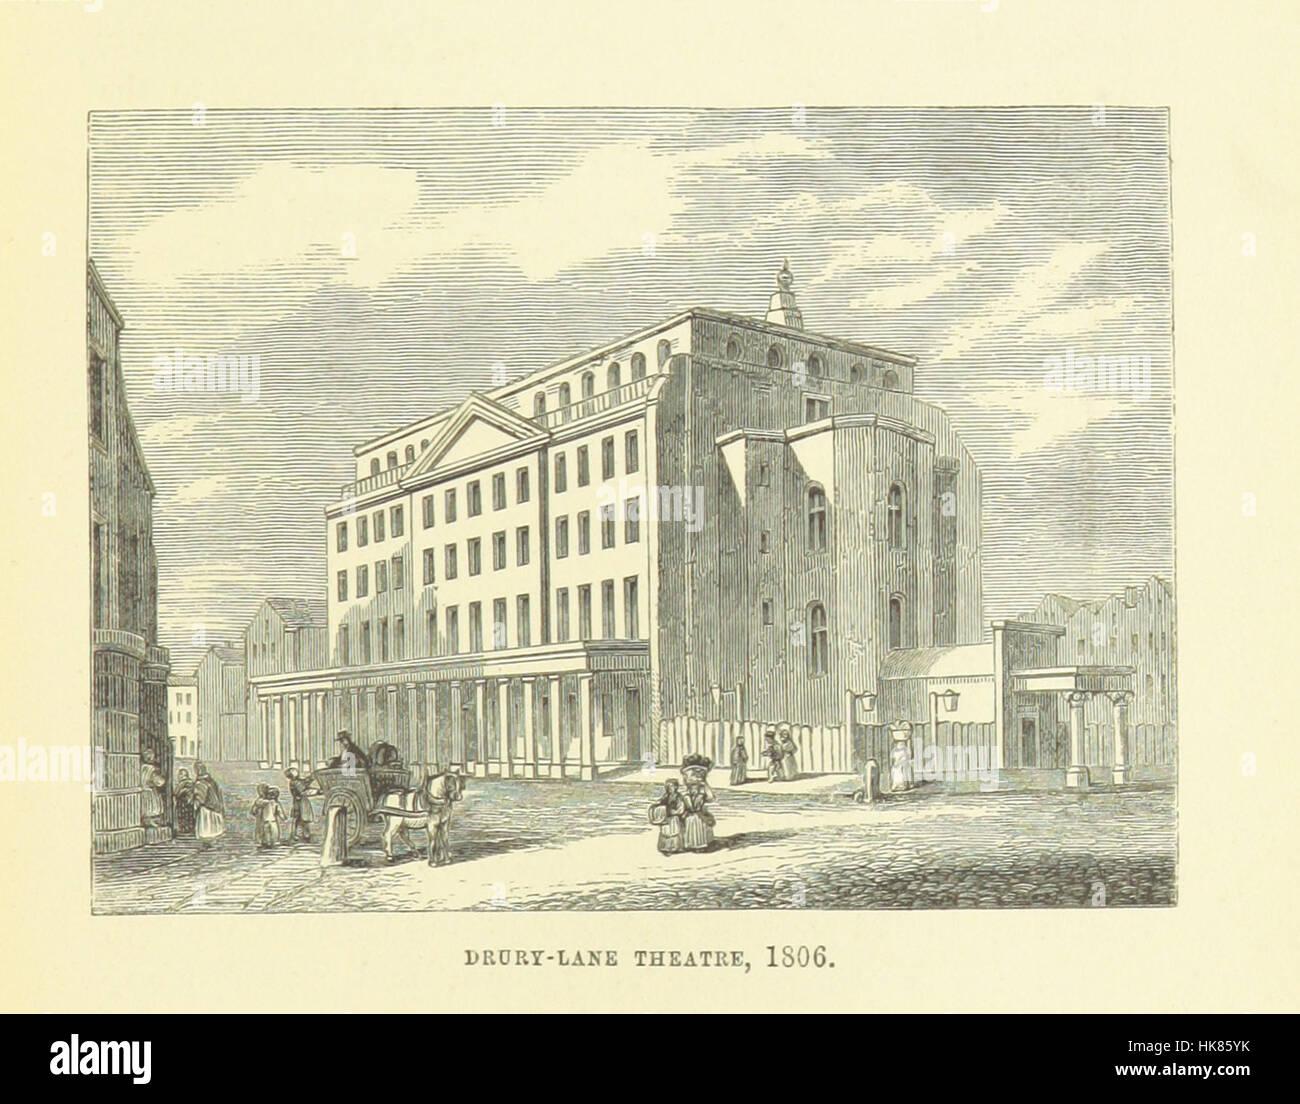 """Haunted Londres ... Ilustrado por F. W. Fairholt imagen tomada de la página 395 de """"Haunted London Imagen De Stock"""